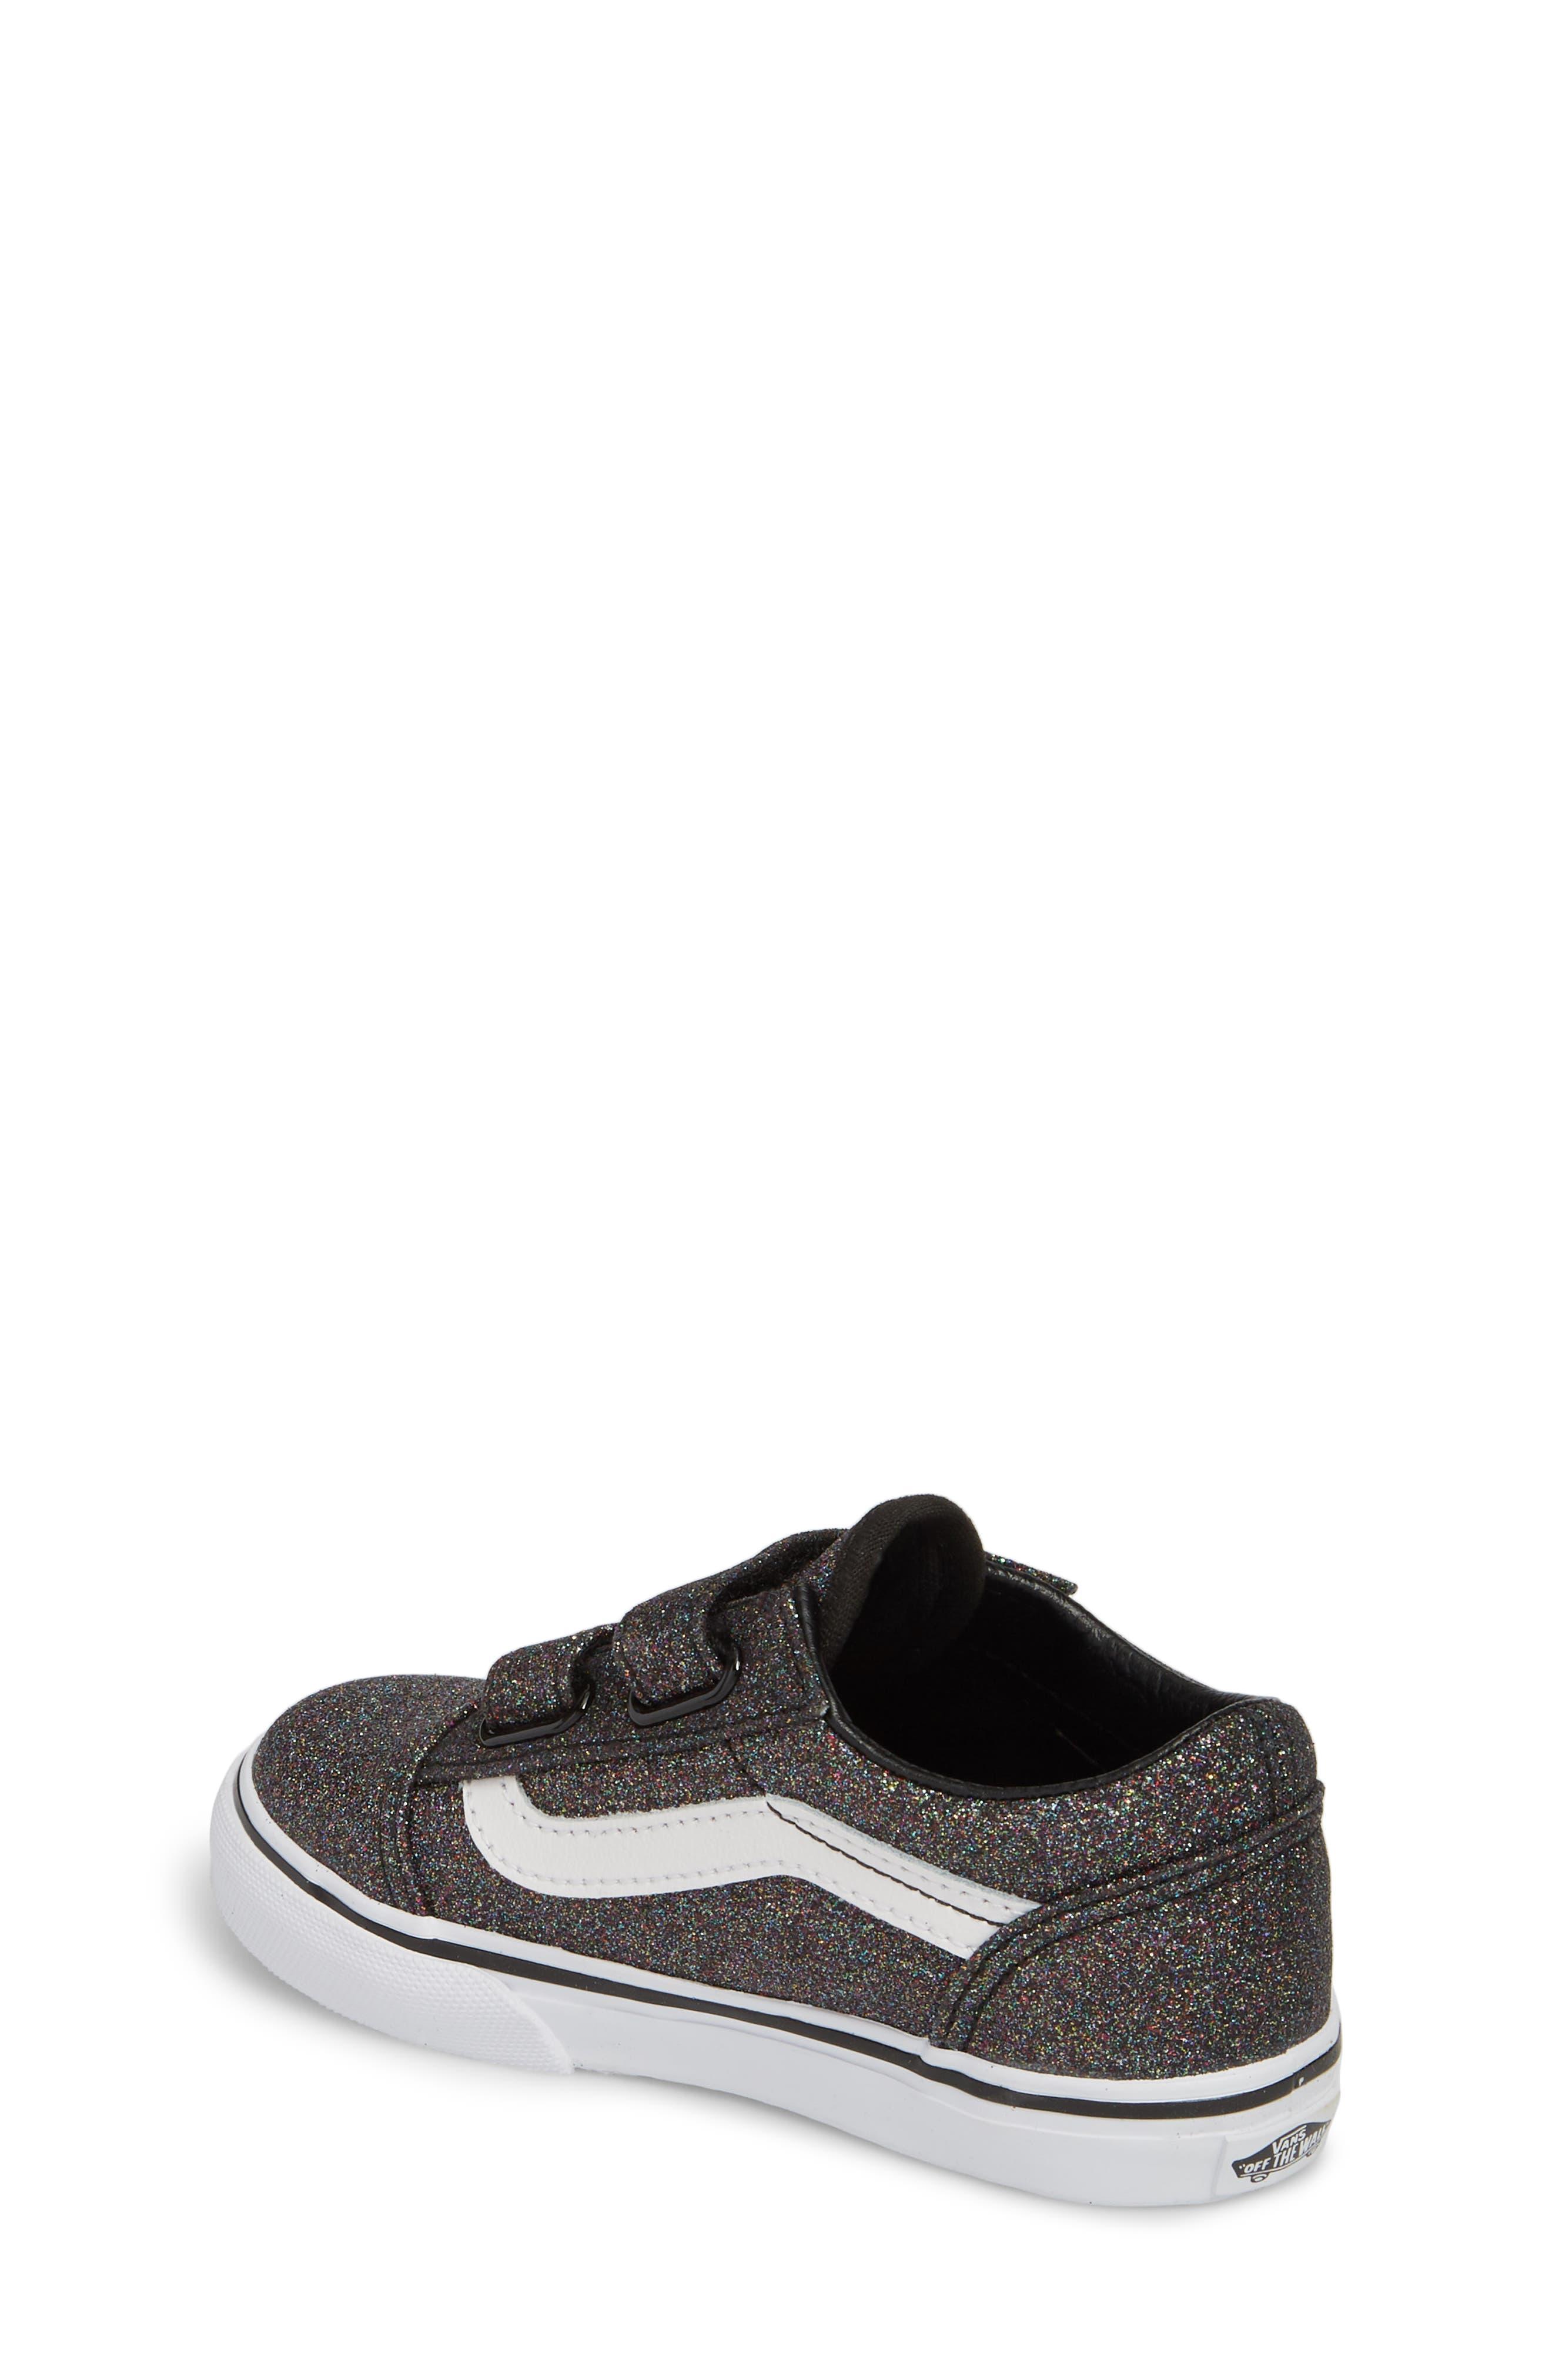 Old Skool V Glitter Sneaker,                             Alternate thumbnail 2, color,                             001